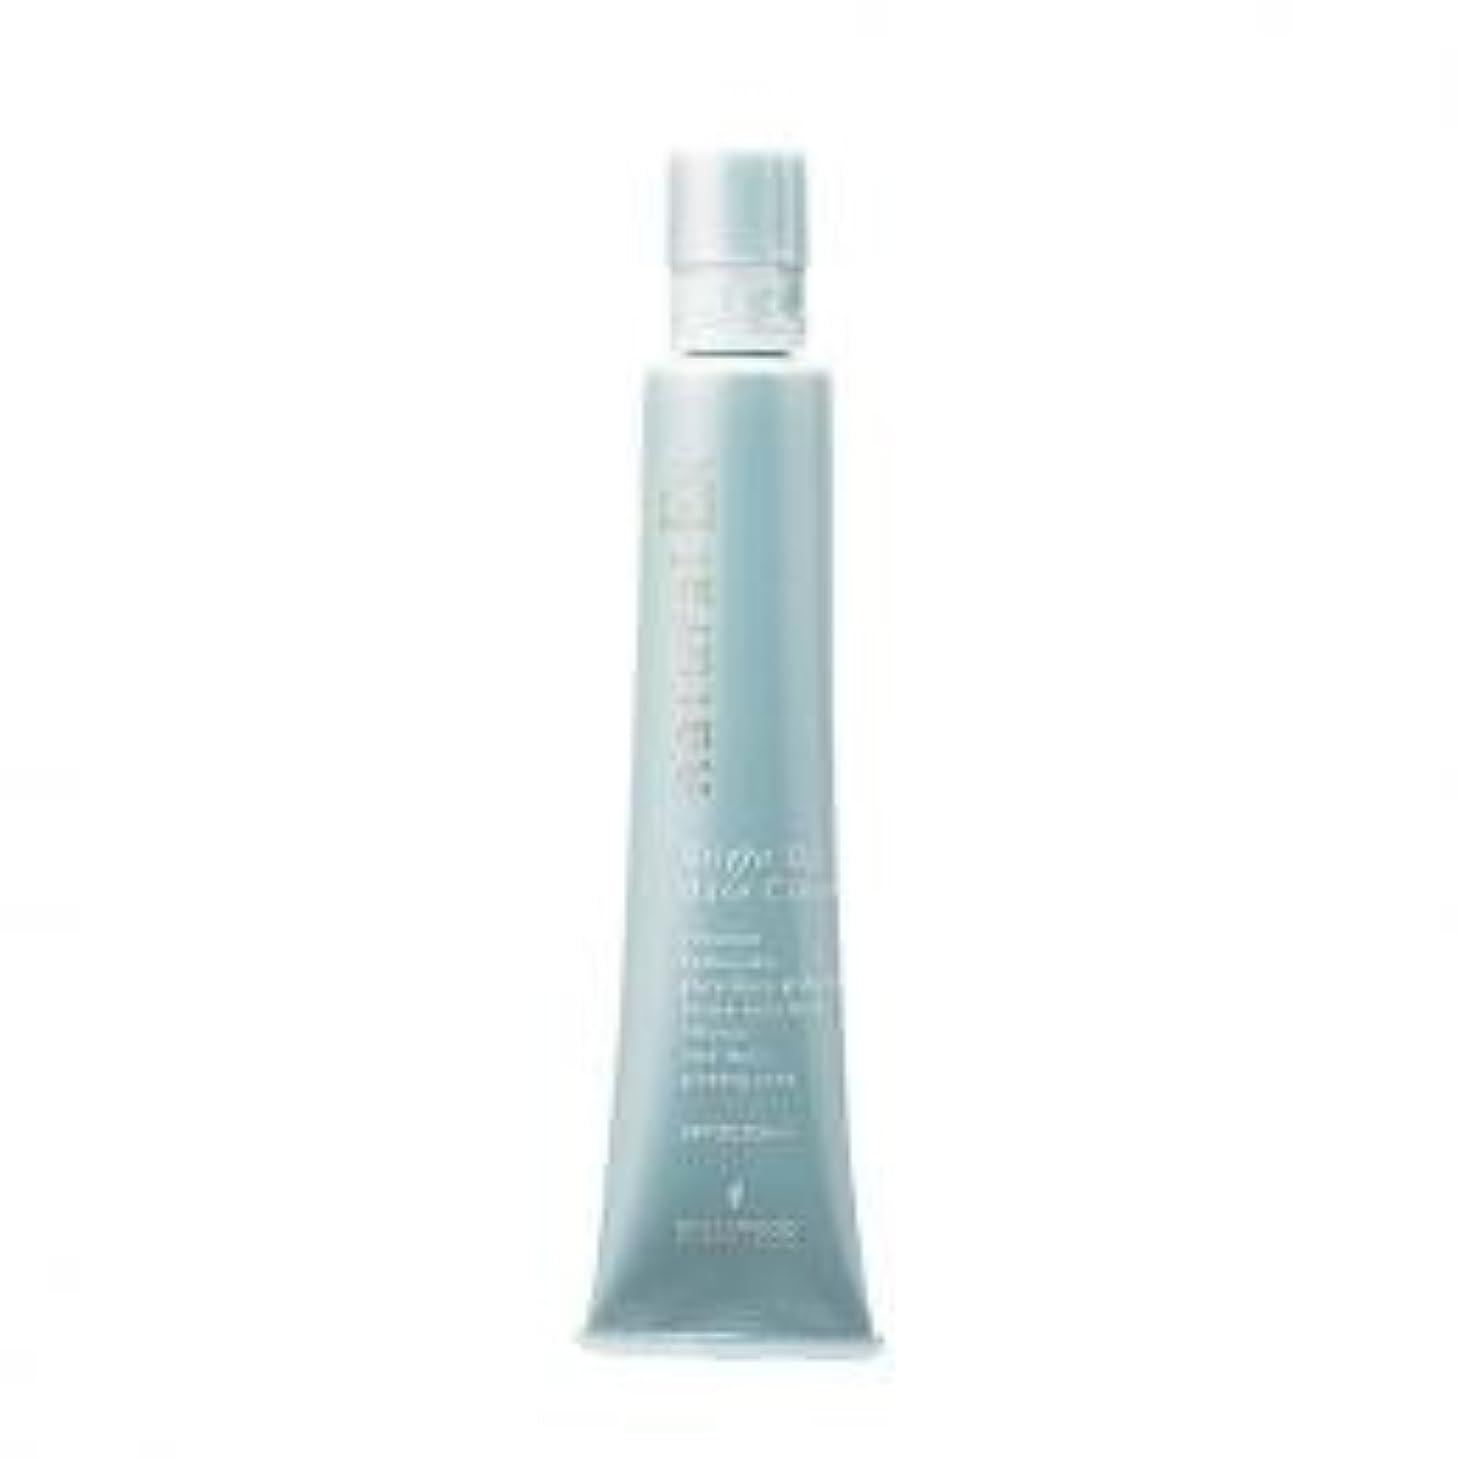 リボン宗教提供するハリウッド化粧品 ナチュラルEX ブライトアップ ベースクリーム h 35g SPF30 PA++